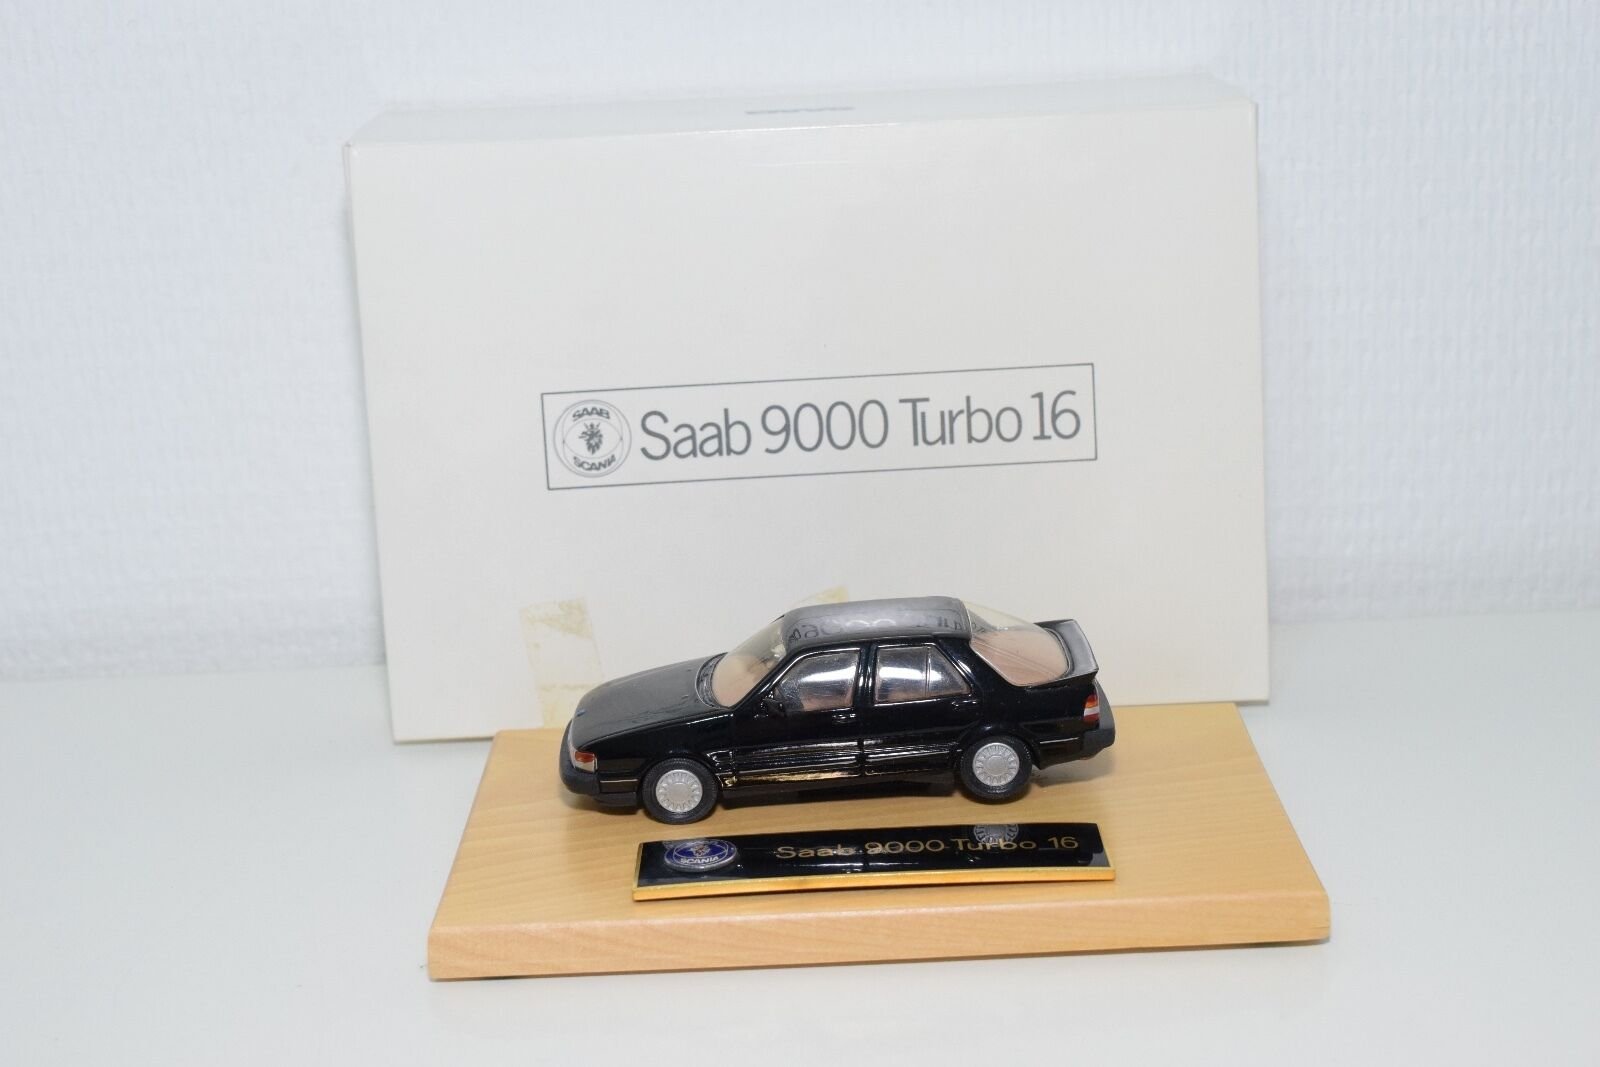 buen precio SOMERVILLE MODELS 122 SAAB 9000 TURBO 16 16 16 Negro DEALER MINT BOXED RARE SELTEN  Ahorre hasta un 70% de descuento.